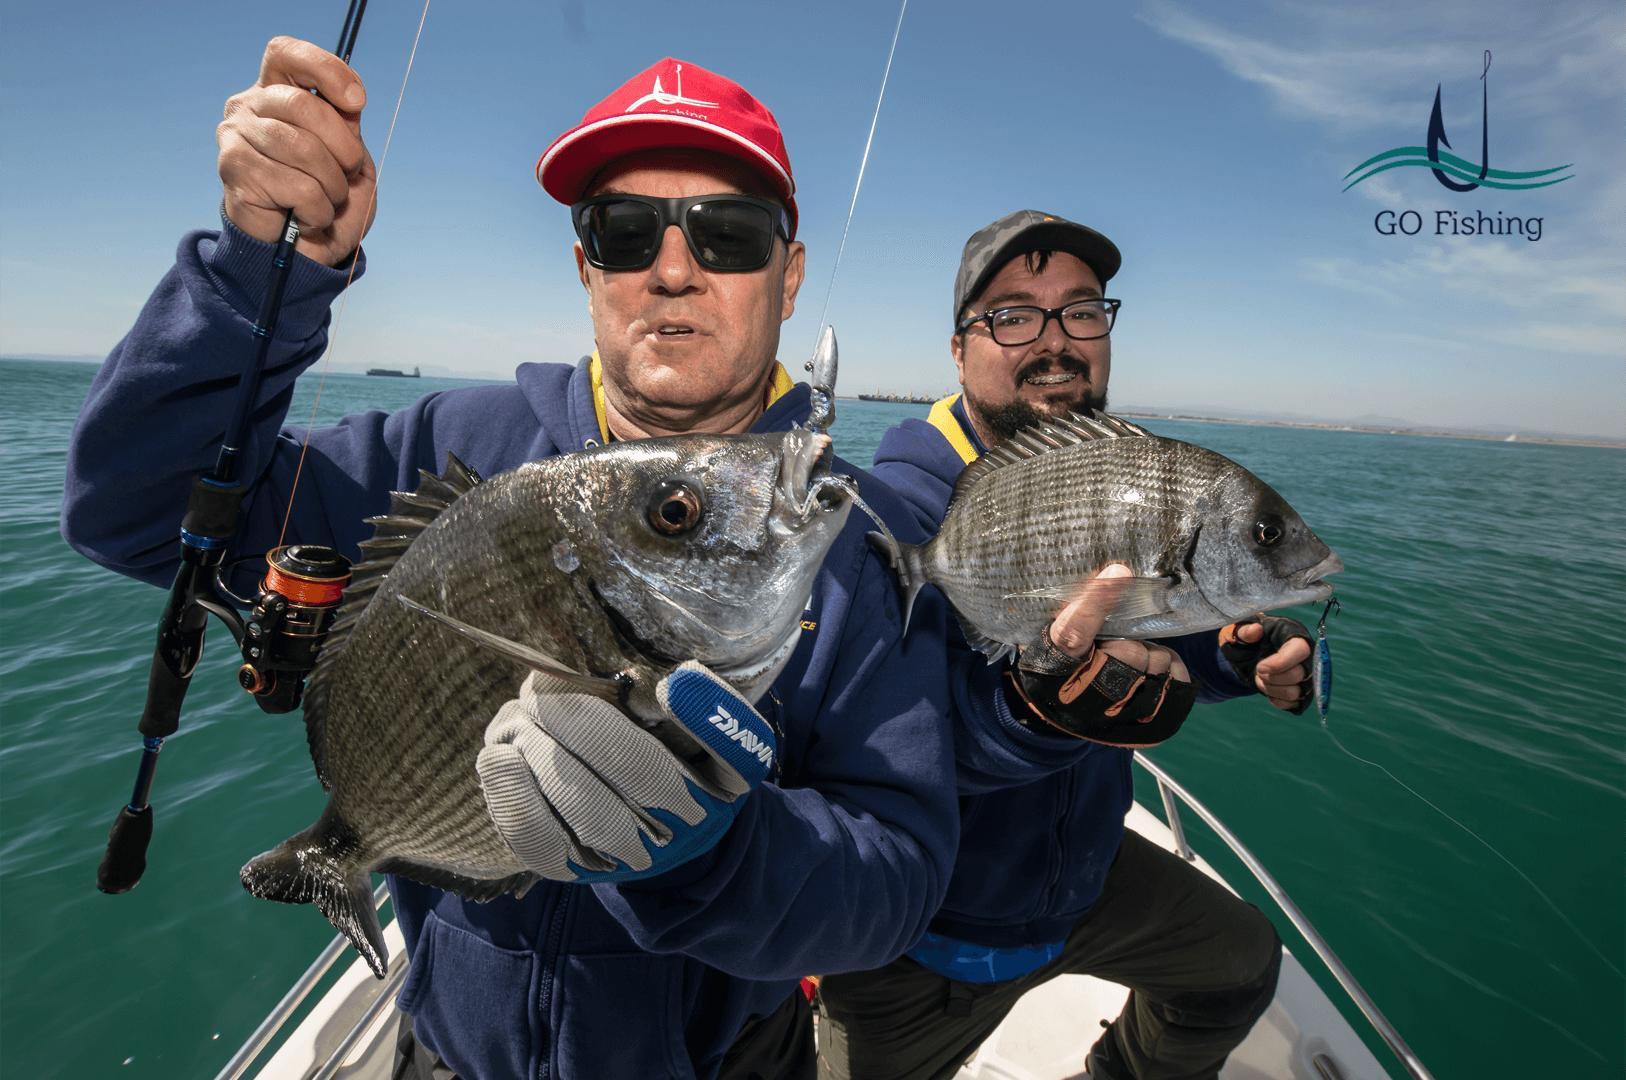 Pesca em Valência com Antonio Pradillo e Raul Garcia